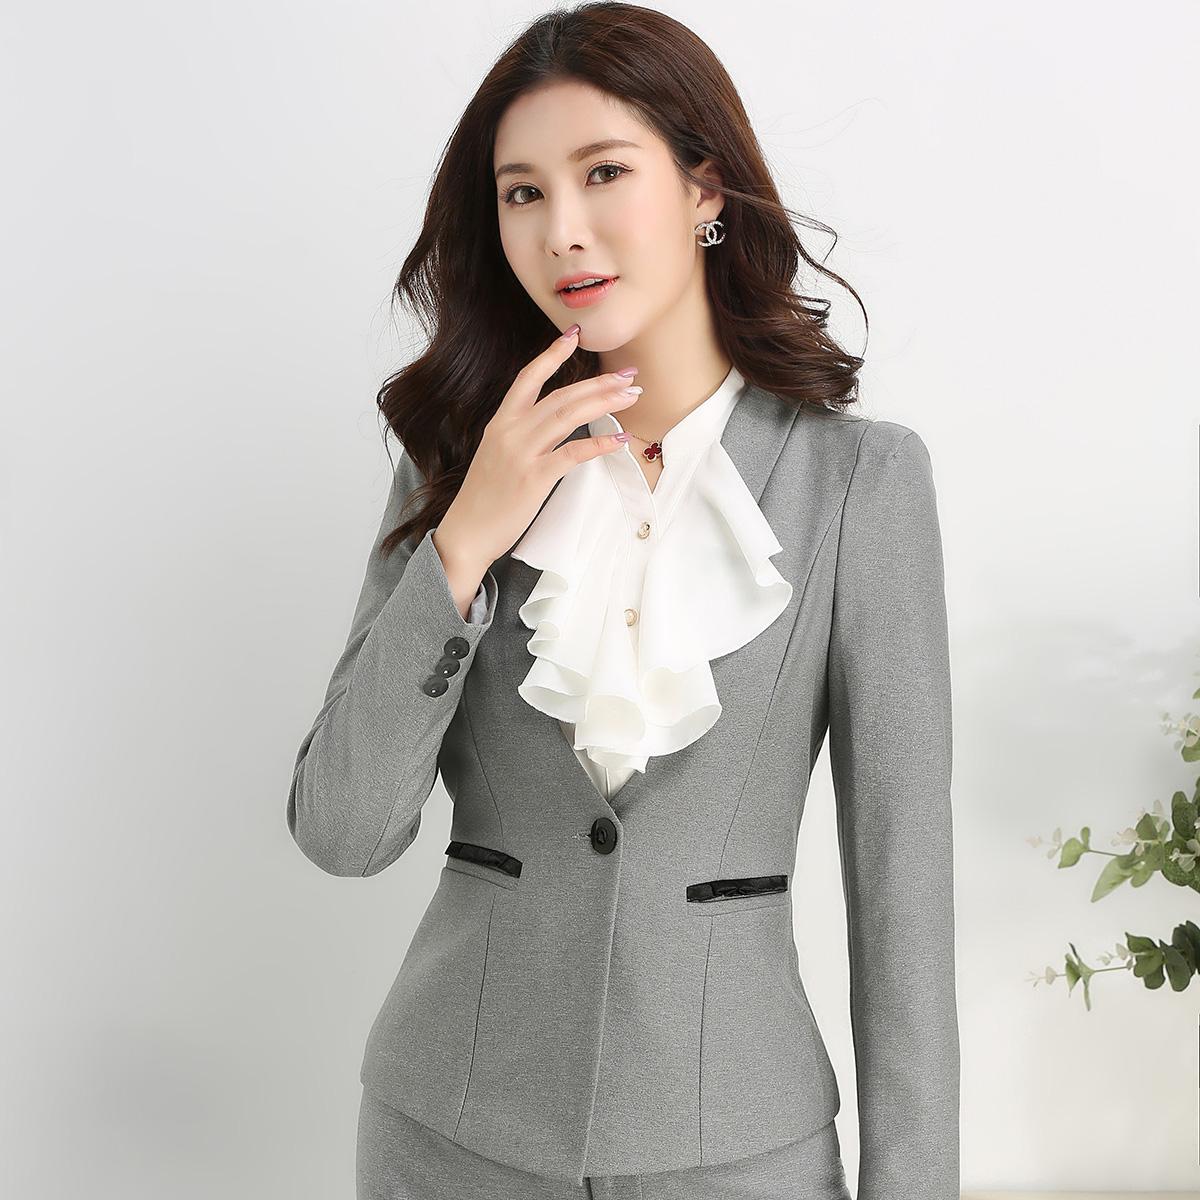 芷芸烟 春秋装新款 长袖气质职业套装女装套裙白领工作服 3291